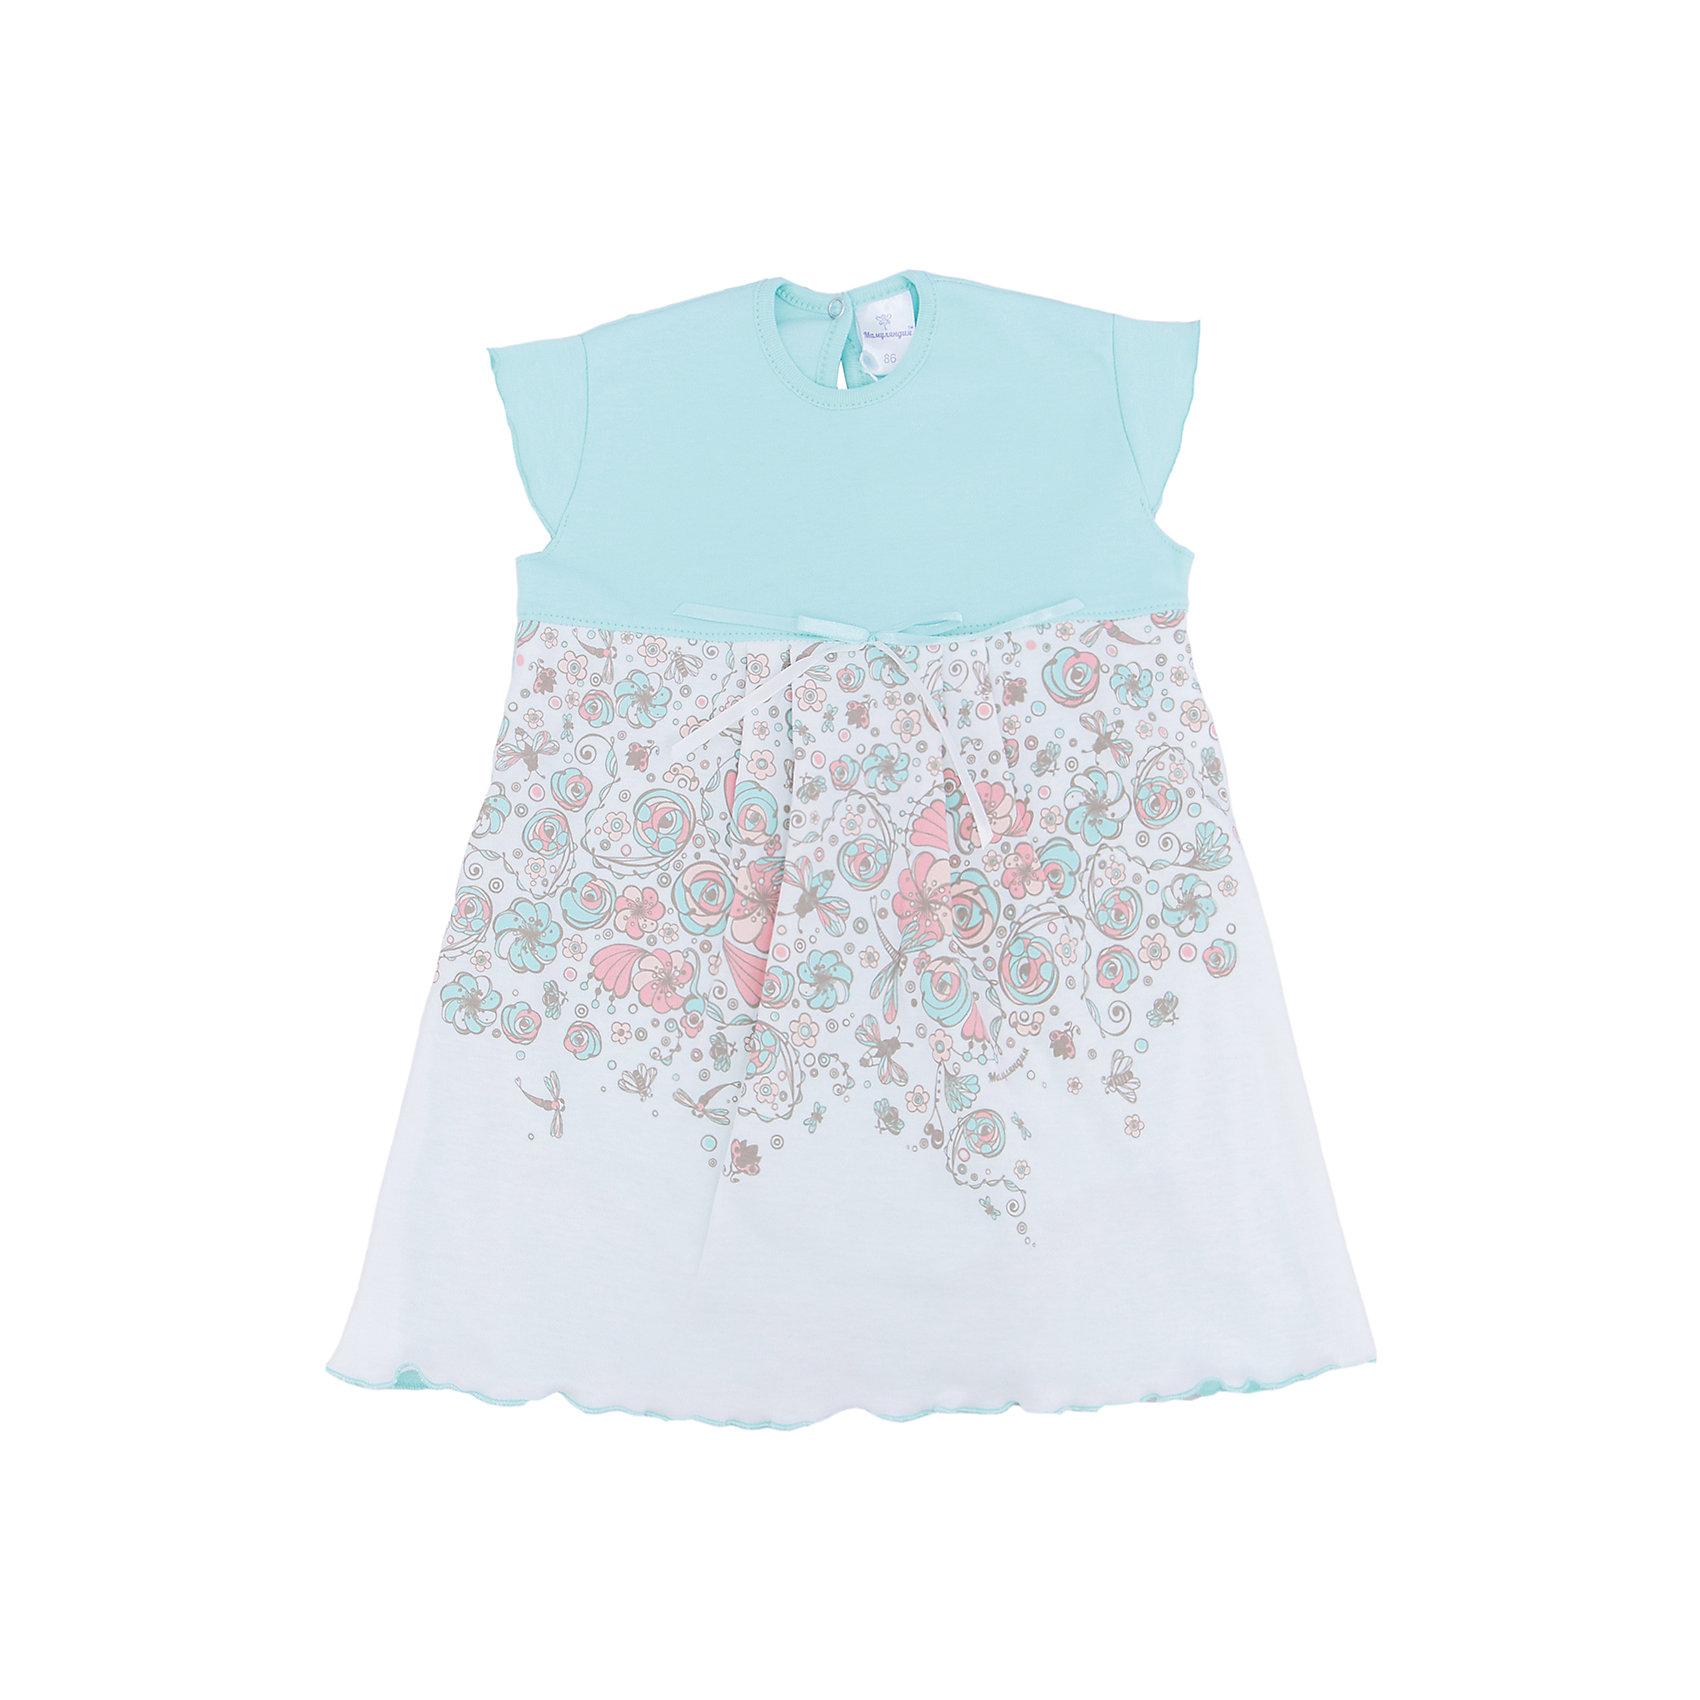 Боди-платье для девочки МамуляндияБоди-платье из дизайнерской коллекции для девочек , выполнено из трикотажноготна высшего качества (интерлок пенье).  Декорировано бантом и гипоаллергенным принтом на водной основе. Удобное расположение кнопок для переодевания малыша или смены подгузника. Стирать при температуре 40, носить с удовольствием. 100% хлопок<br><br>Ширина мм: 157<br>Глубина мм: 13<br>Высота мм: 119<br>Вес г: 200<br>Цвет: голубой<br>Возраст от месяцев: 6<br>Возраст до месяцев: 9<br>Пол: Женский<br>Возраст: Детский<br>Размер: 86,80,74,68<br>SKU: 4735506